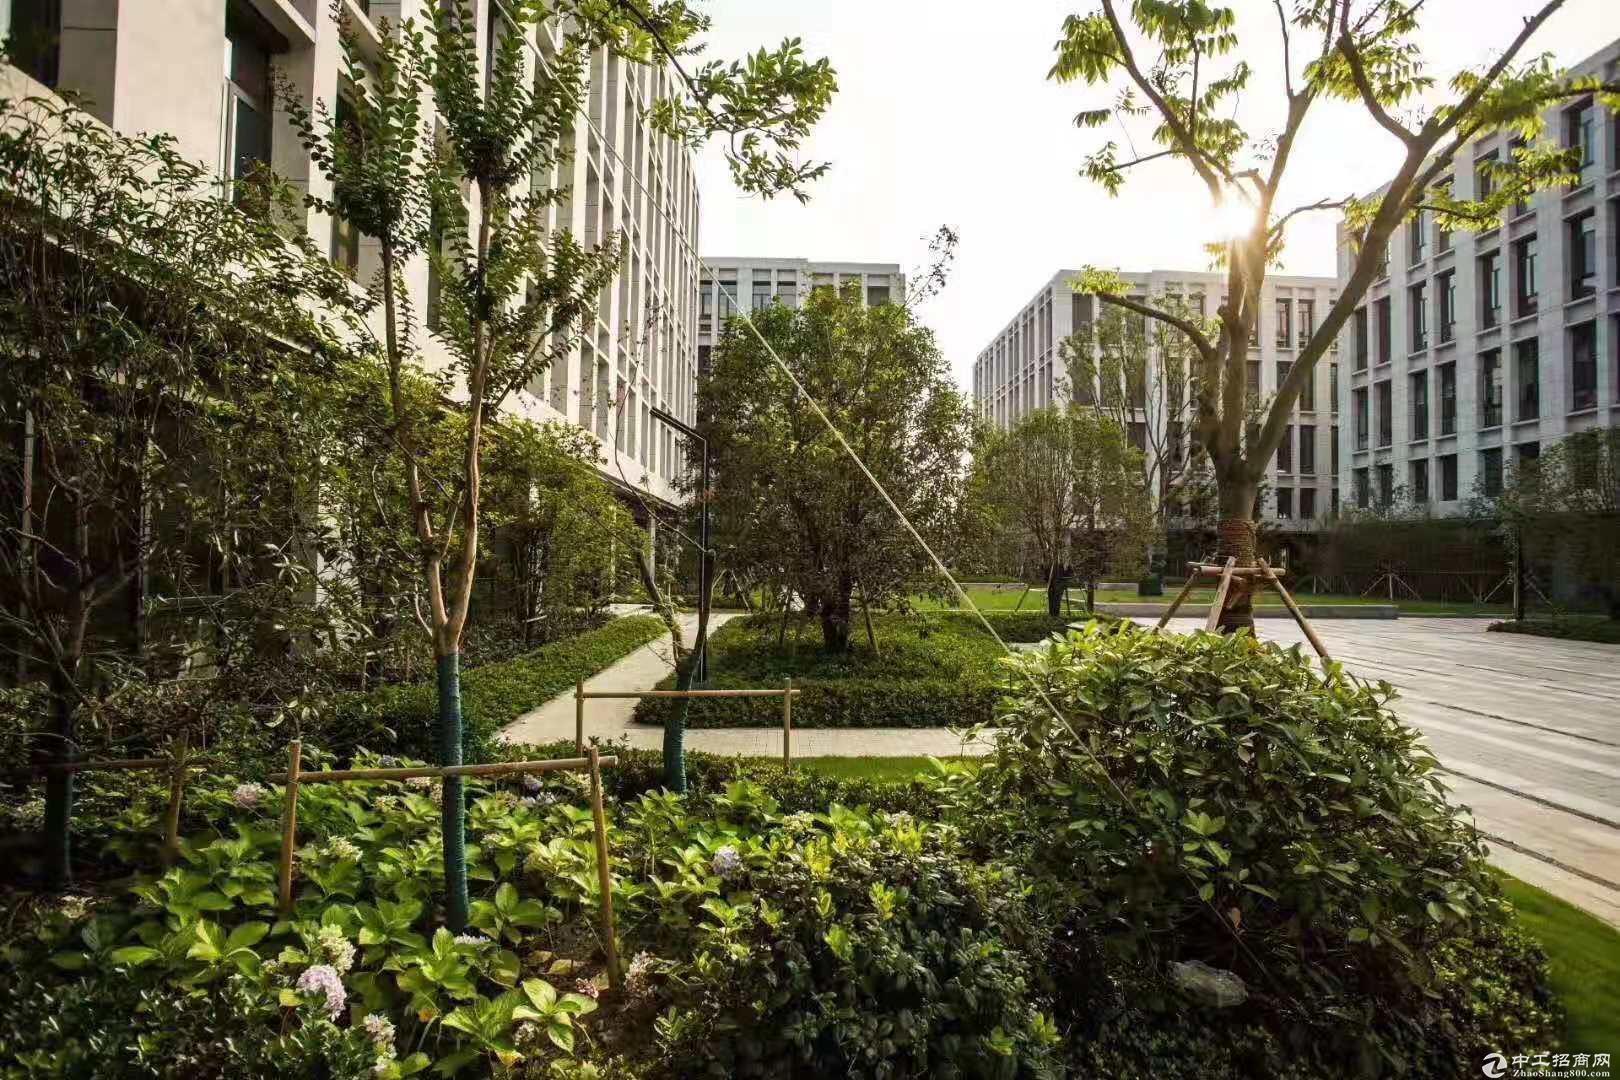 苏州一手厂房项目,开发商直销,全力打造优质产业园区